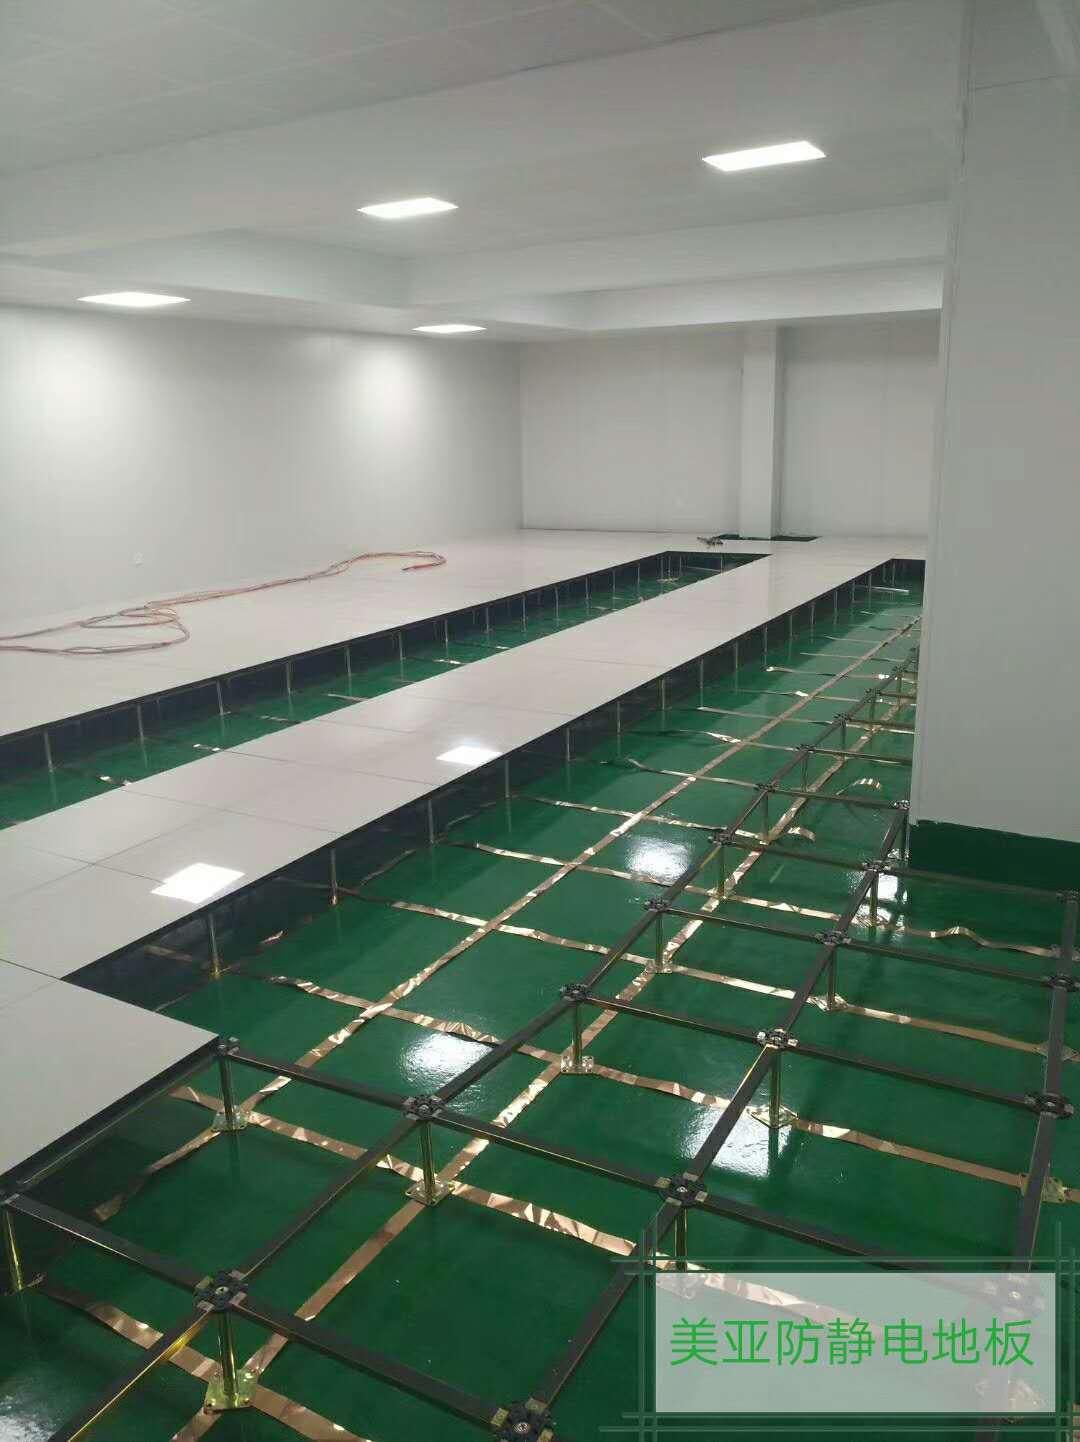 陶瓷防jingdian地板,shina铜箔接地,美ya防jingdian地板厂家标准铺设。